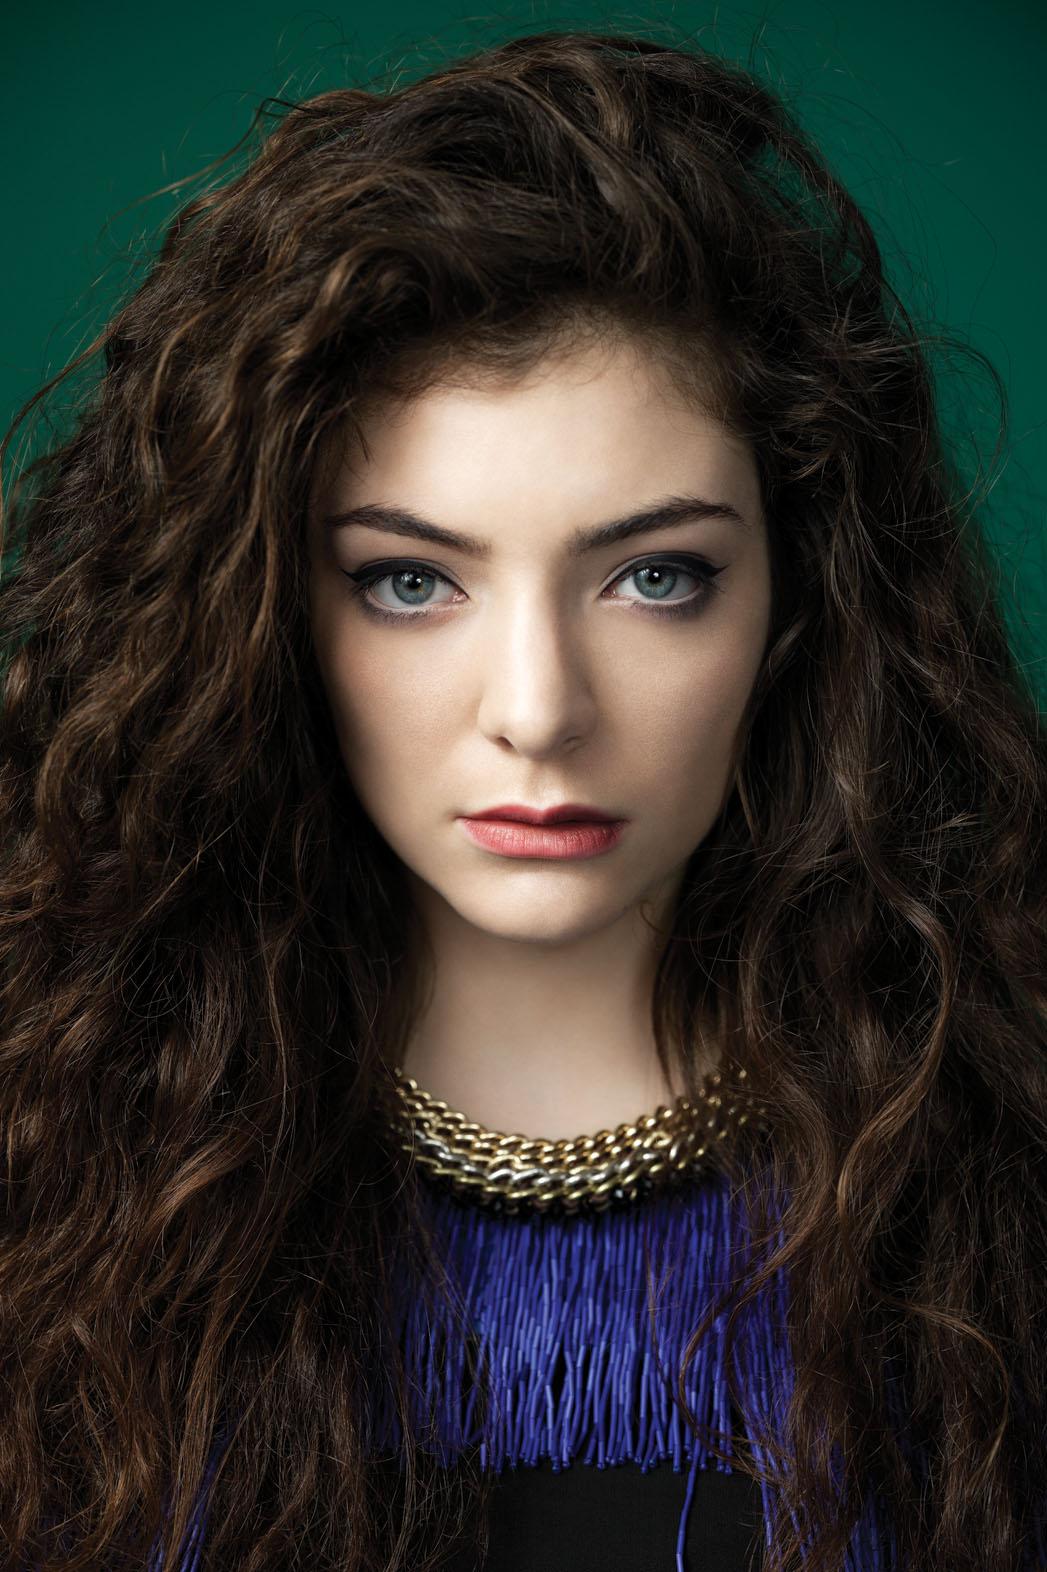 Ella Maria Lani Yelich-O'Connor